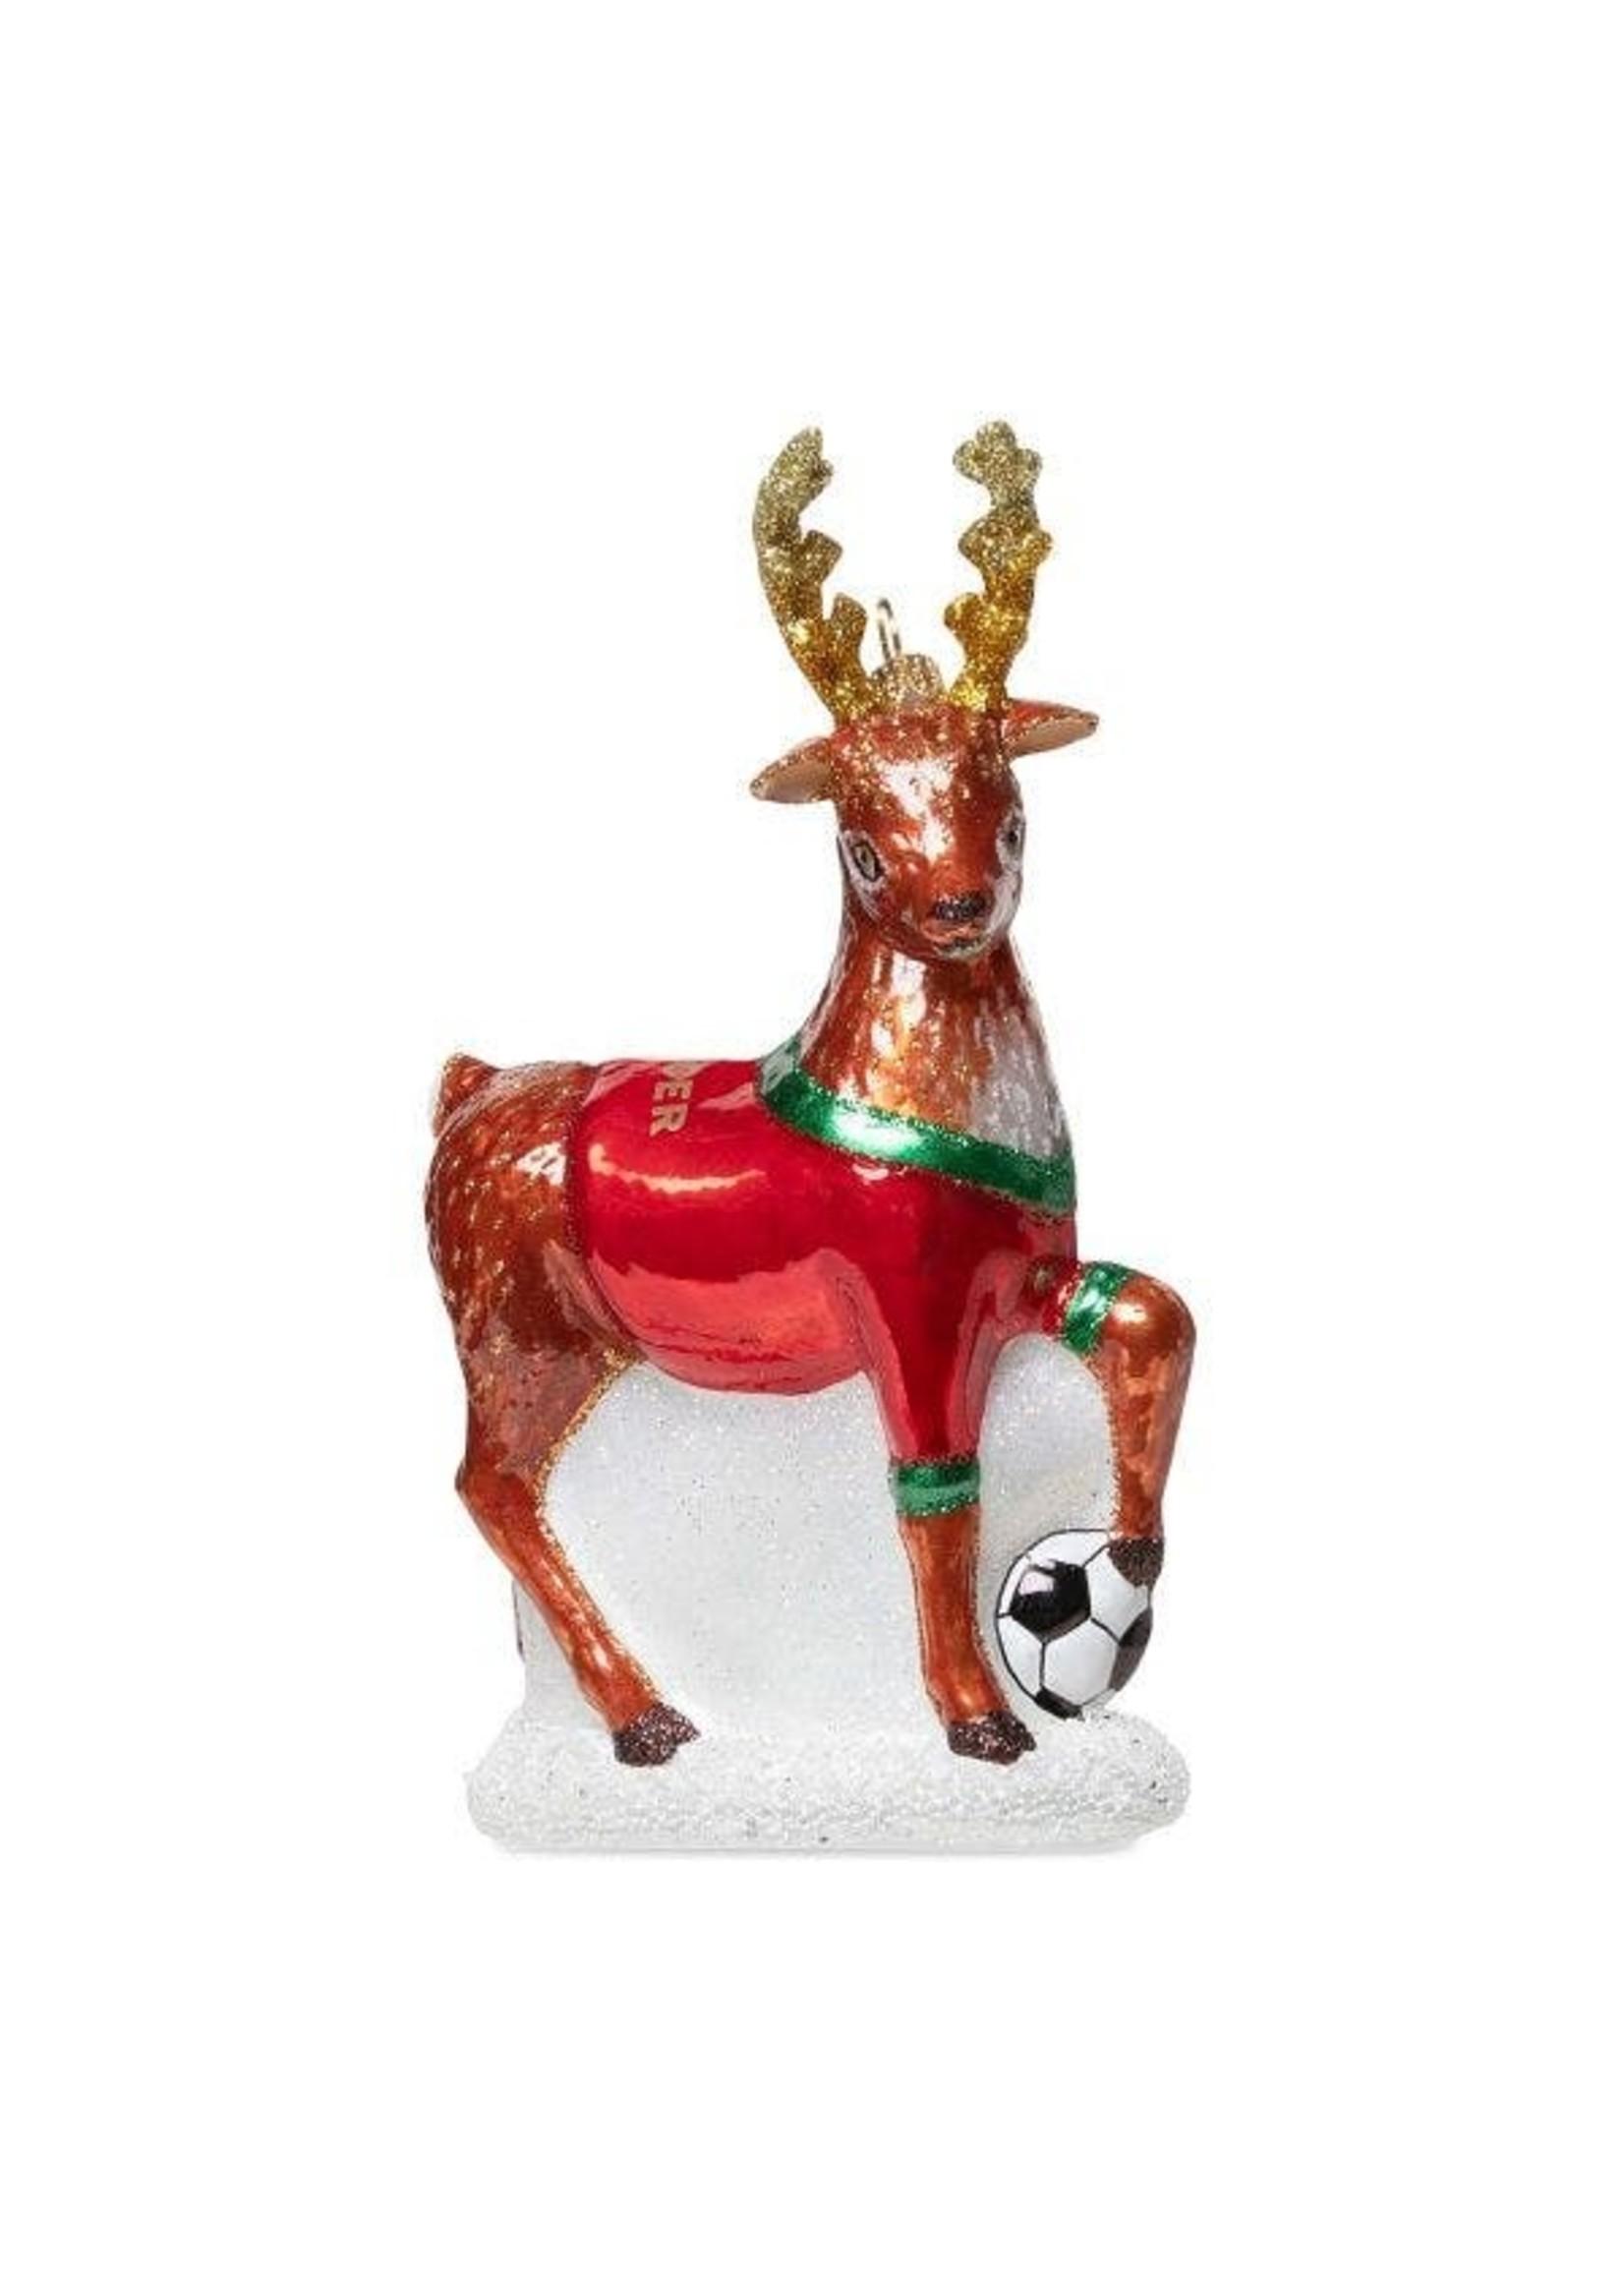 Juliska Ornament - Prancer the Reindeer